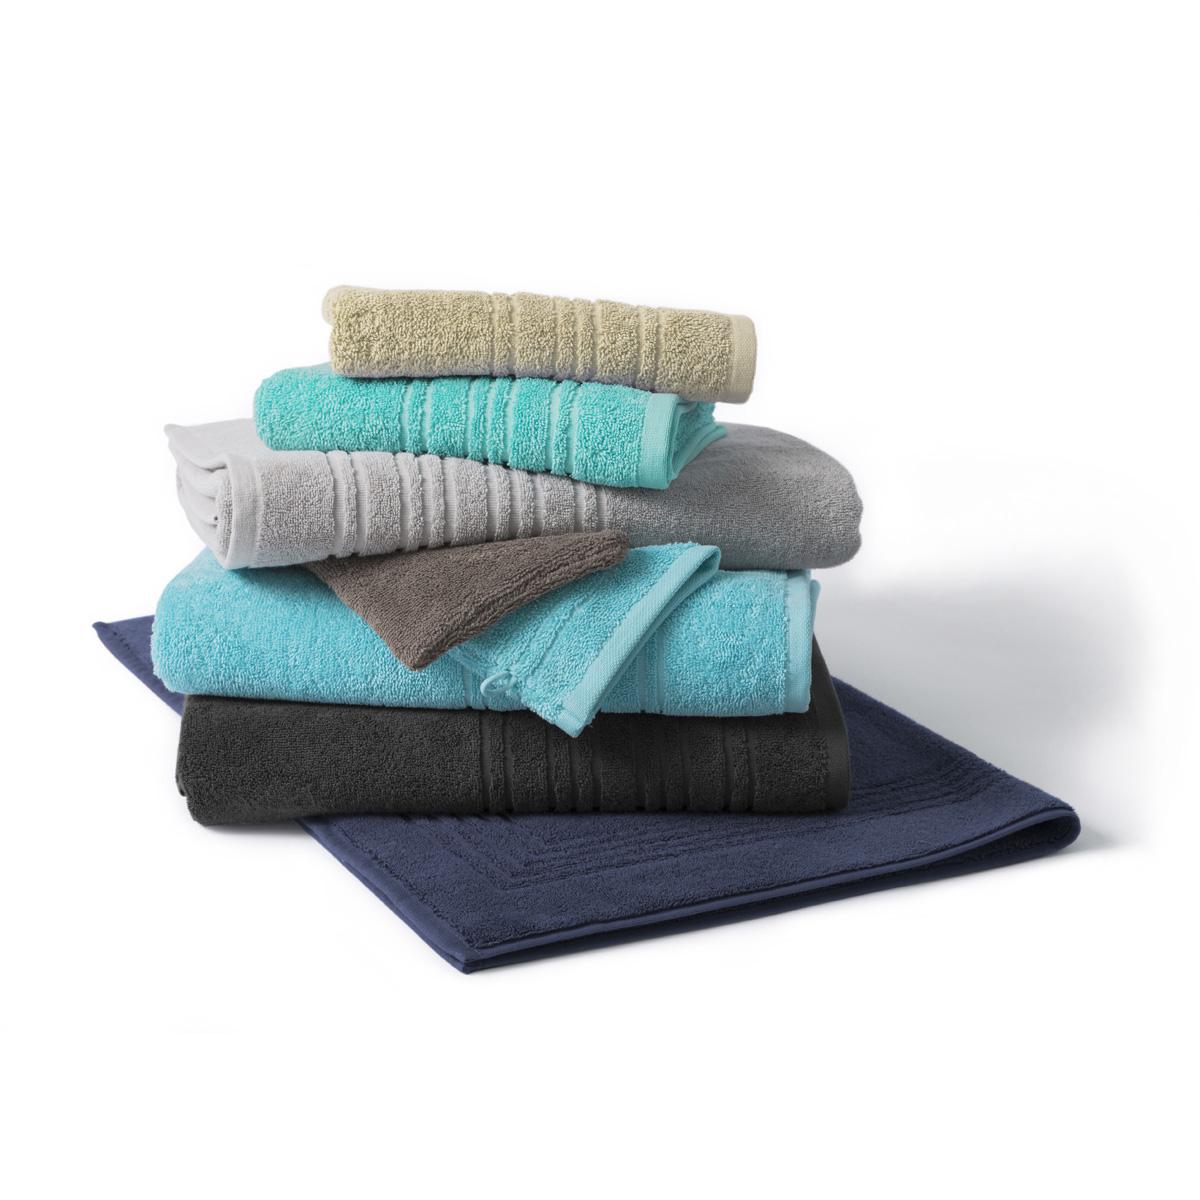 serviette toilette unie 565g linge de maison de qualit tradition des vosges. Black Bedroom Furniture Sets. Home Design Ideas